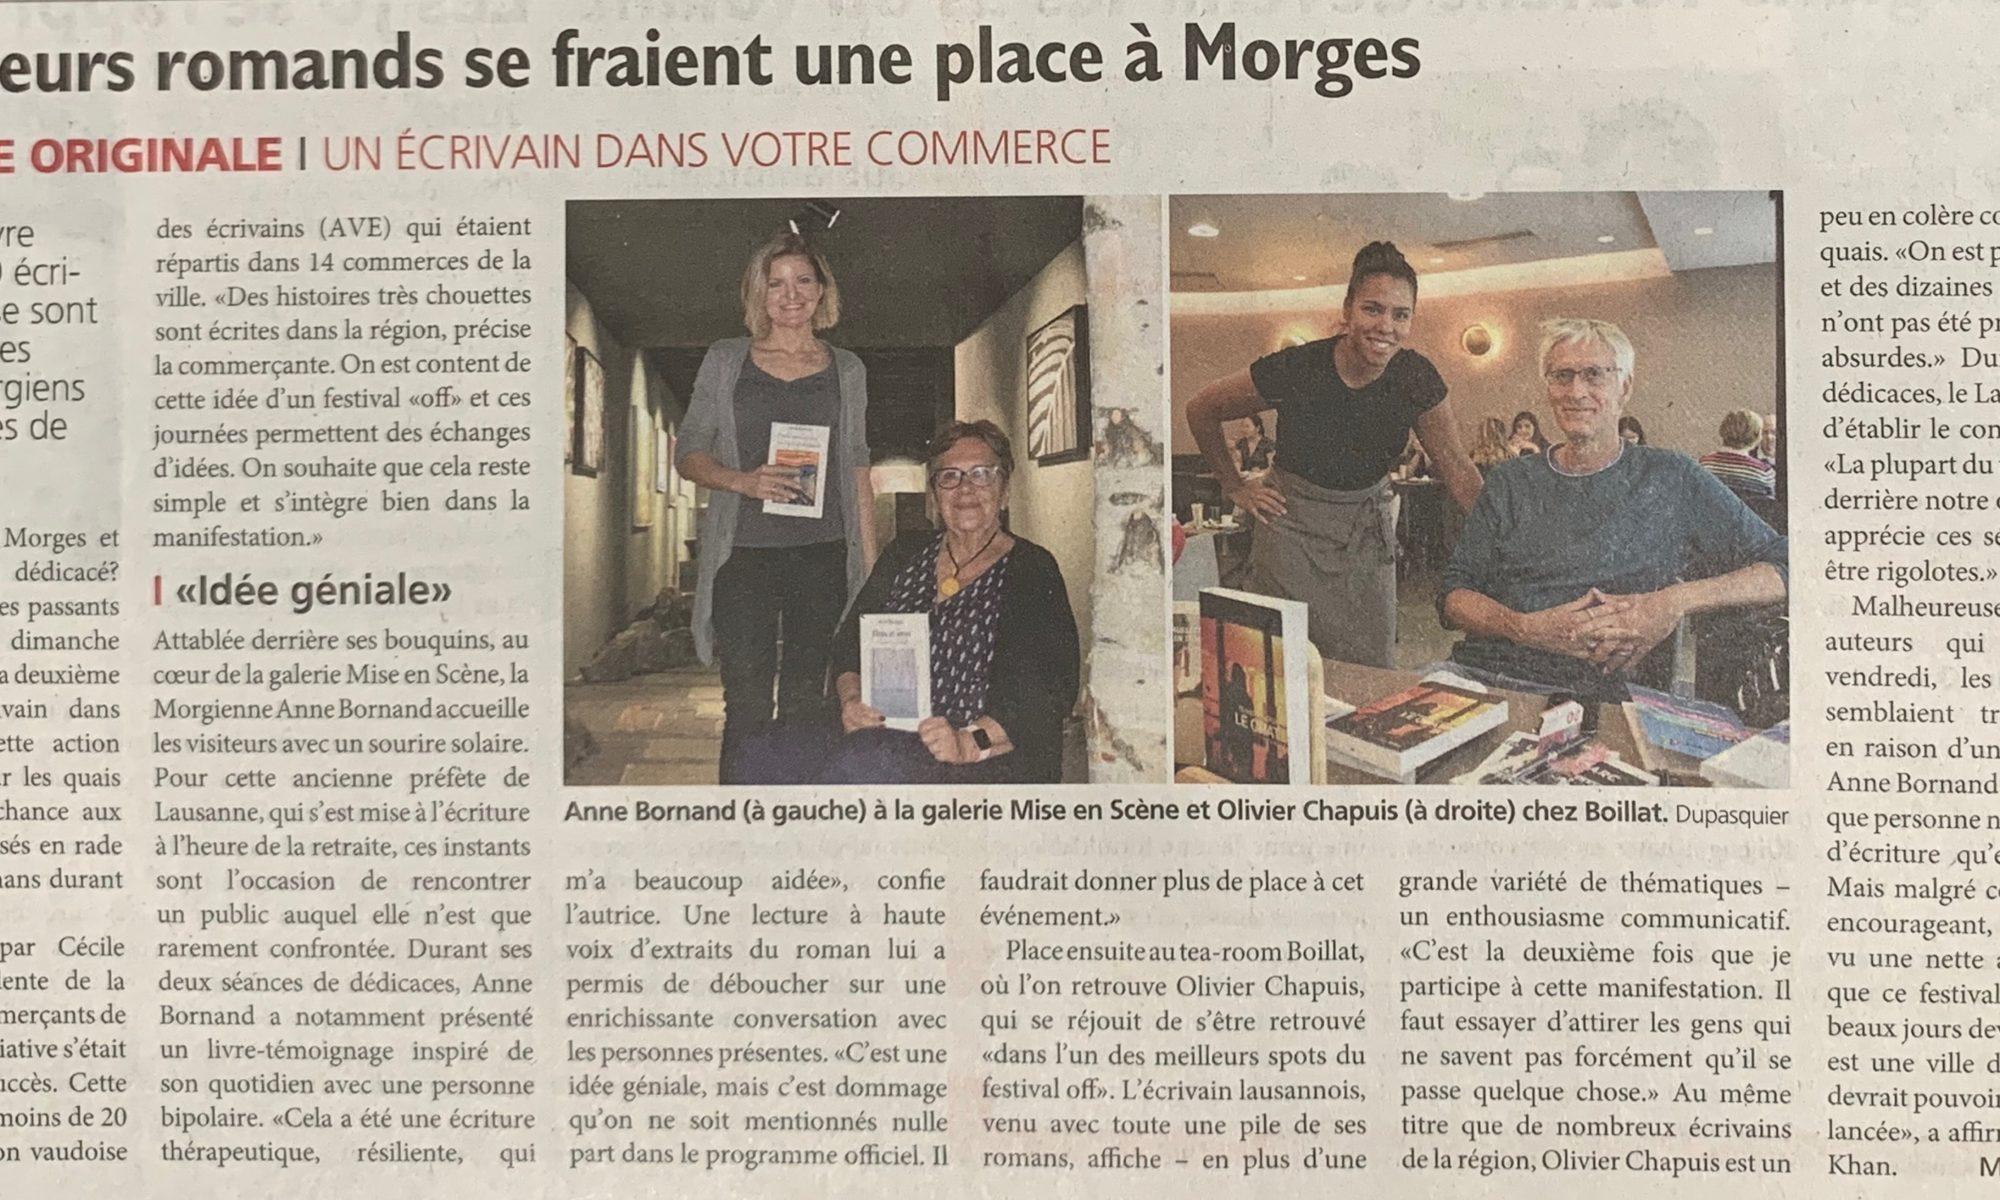 Journal de Morges - septembre 2019